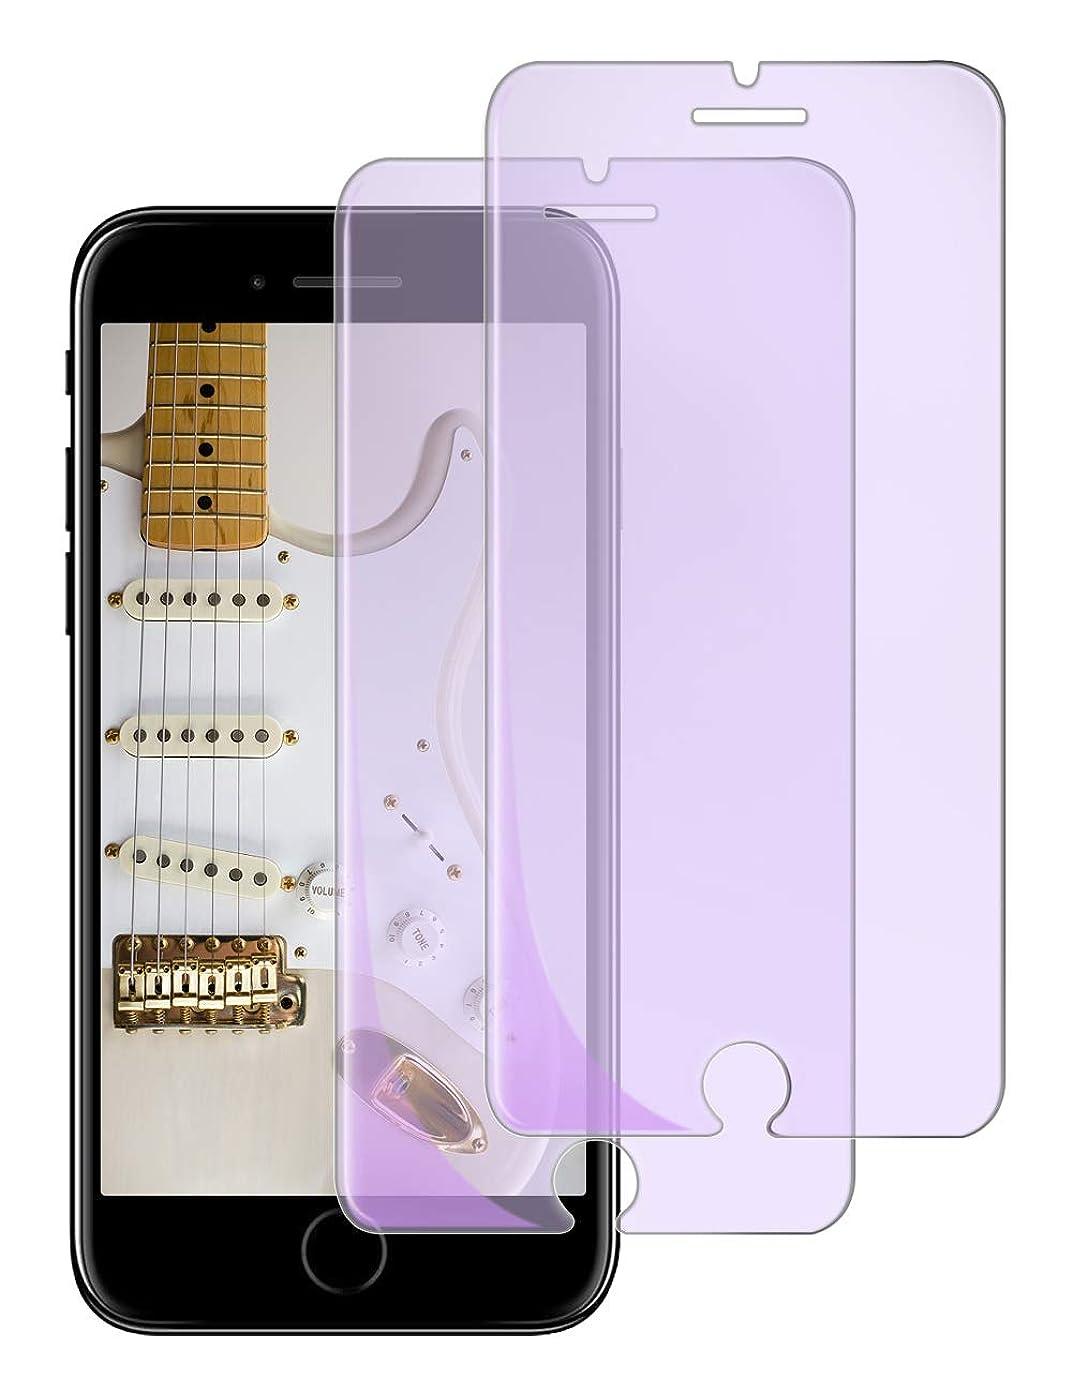 アドバイス代わりに受けるiPhone 8plus / iPhone 7plus ガラスフィルム ブルーライトカット アイフォン 8/7 プラス 強化ガラス液晶保護フィルム 日本製素材旭硝子製 2.5D musikk 【2枚セット/最高硬度9H /3D Touch対応/飛散防止/指紋防止/透過率99%/ 気泡ゼロ/貼付け簡単】 (iPhone 8plus/7plus 5.5インチ)